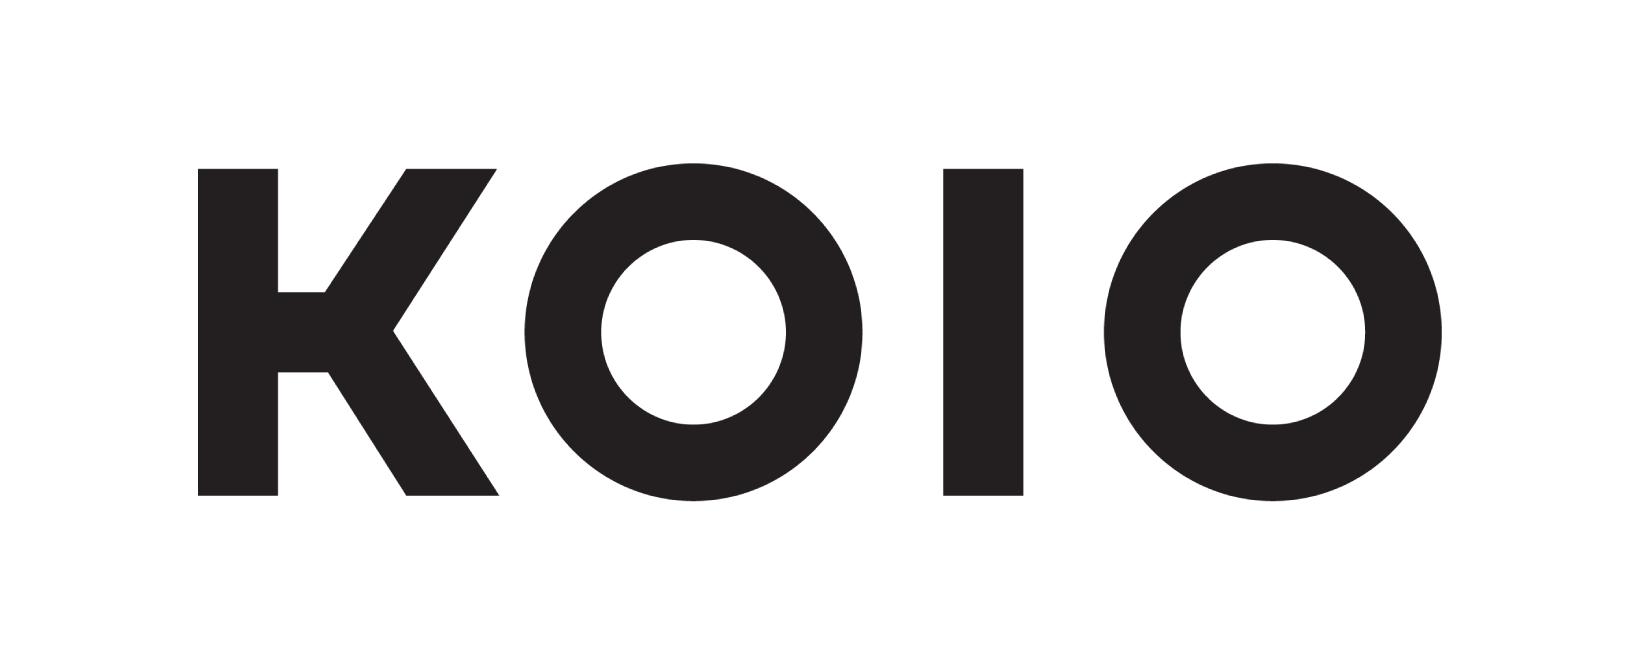 Koio Coupon Code 2021